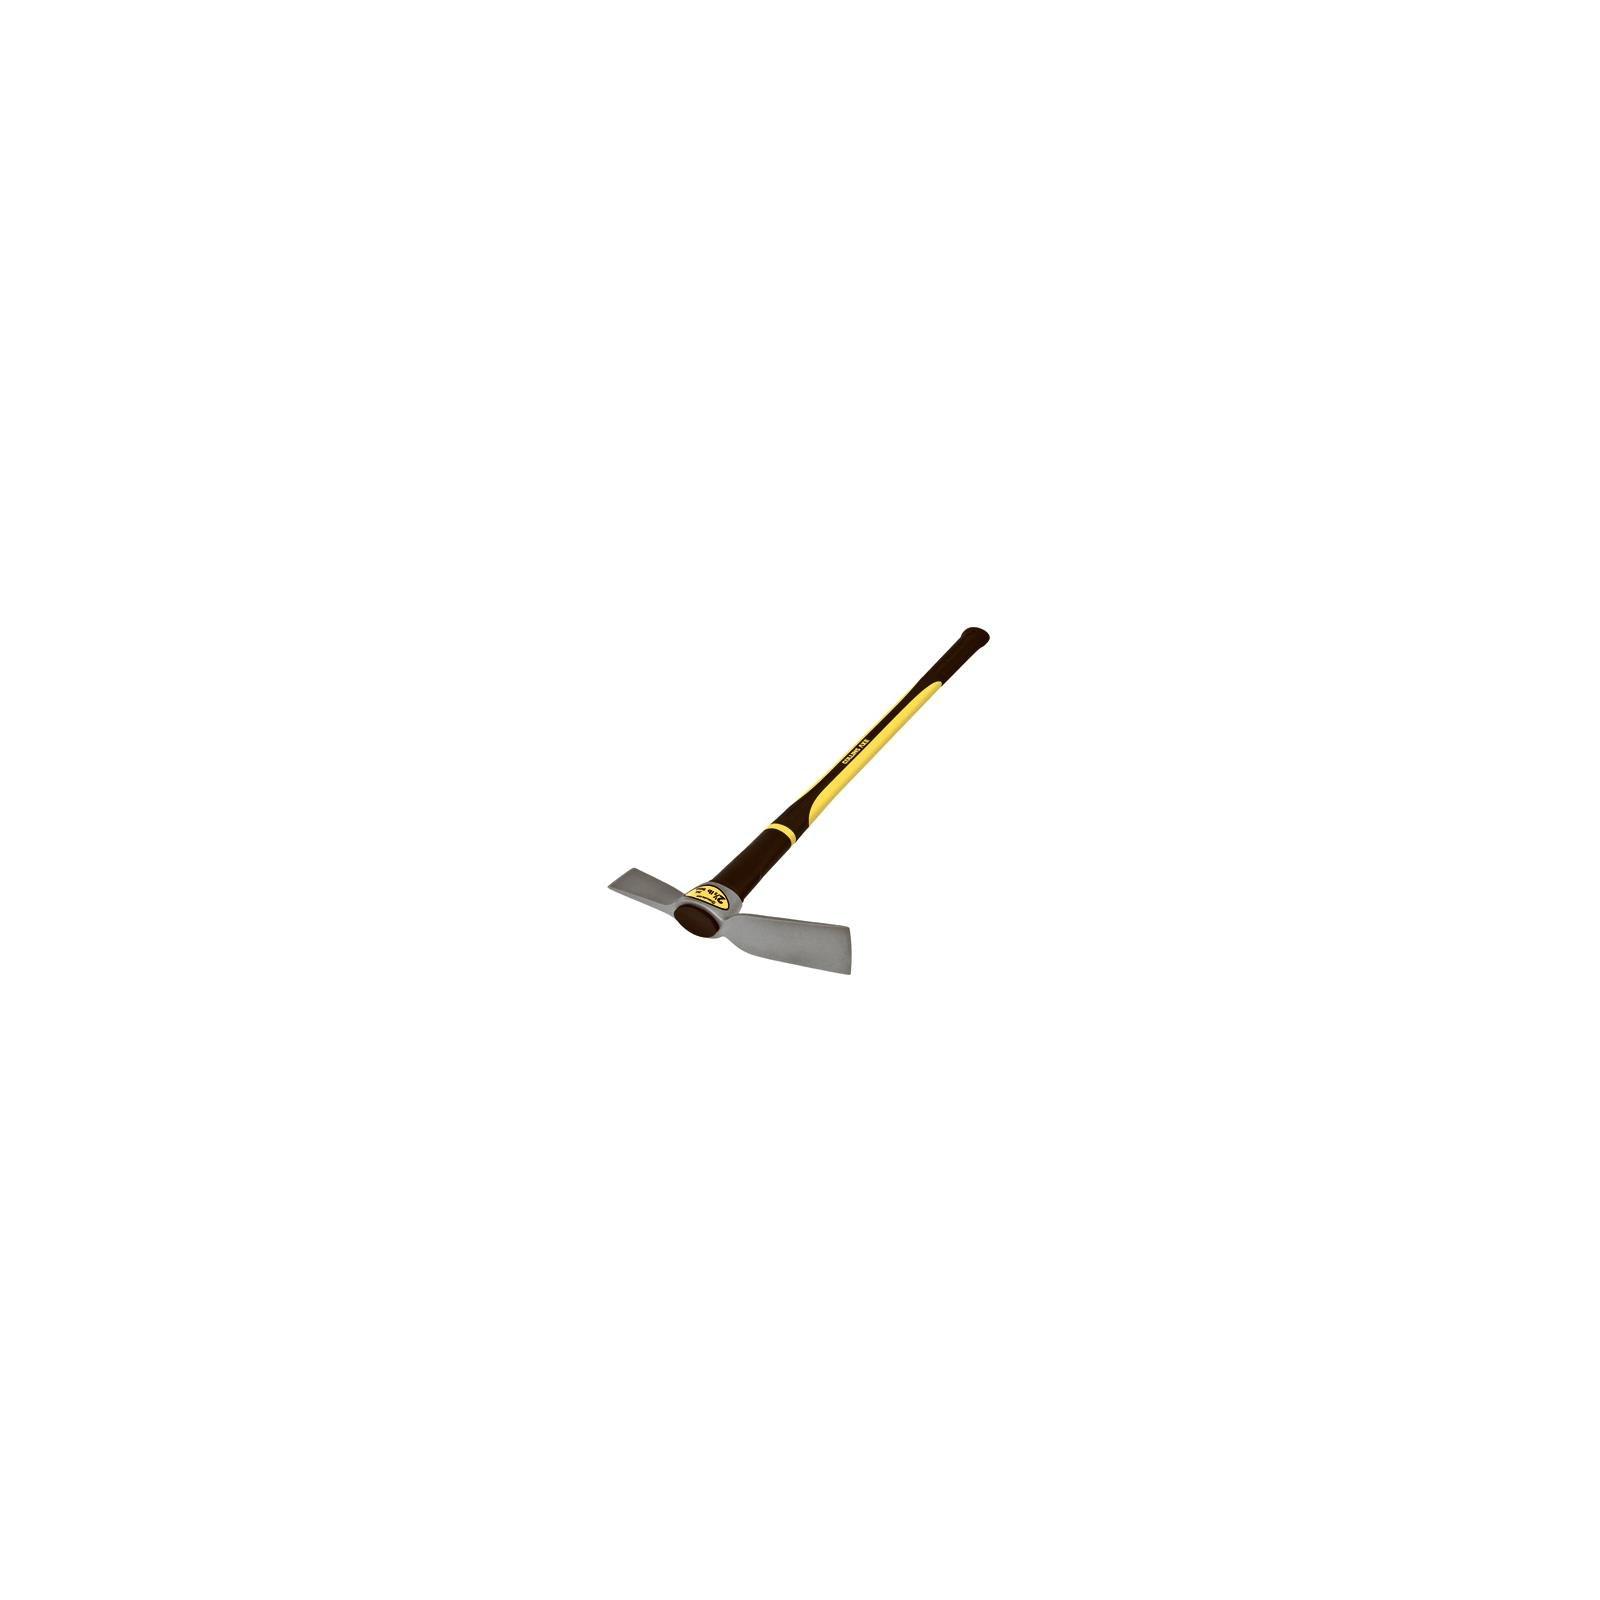 Truper Sa De Cv TH-2.5FD-C 2.5-Lb. Fiberglass Cutter Mattock - Quantity 4